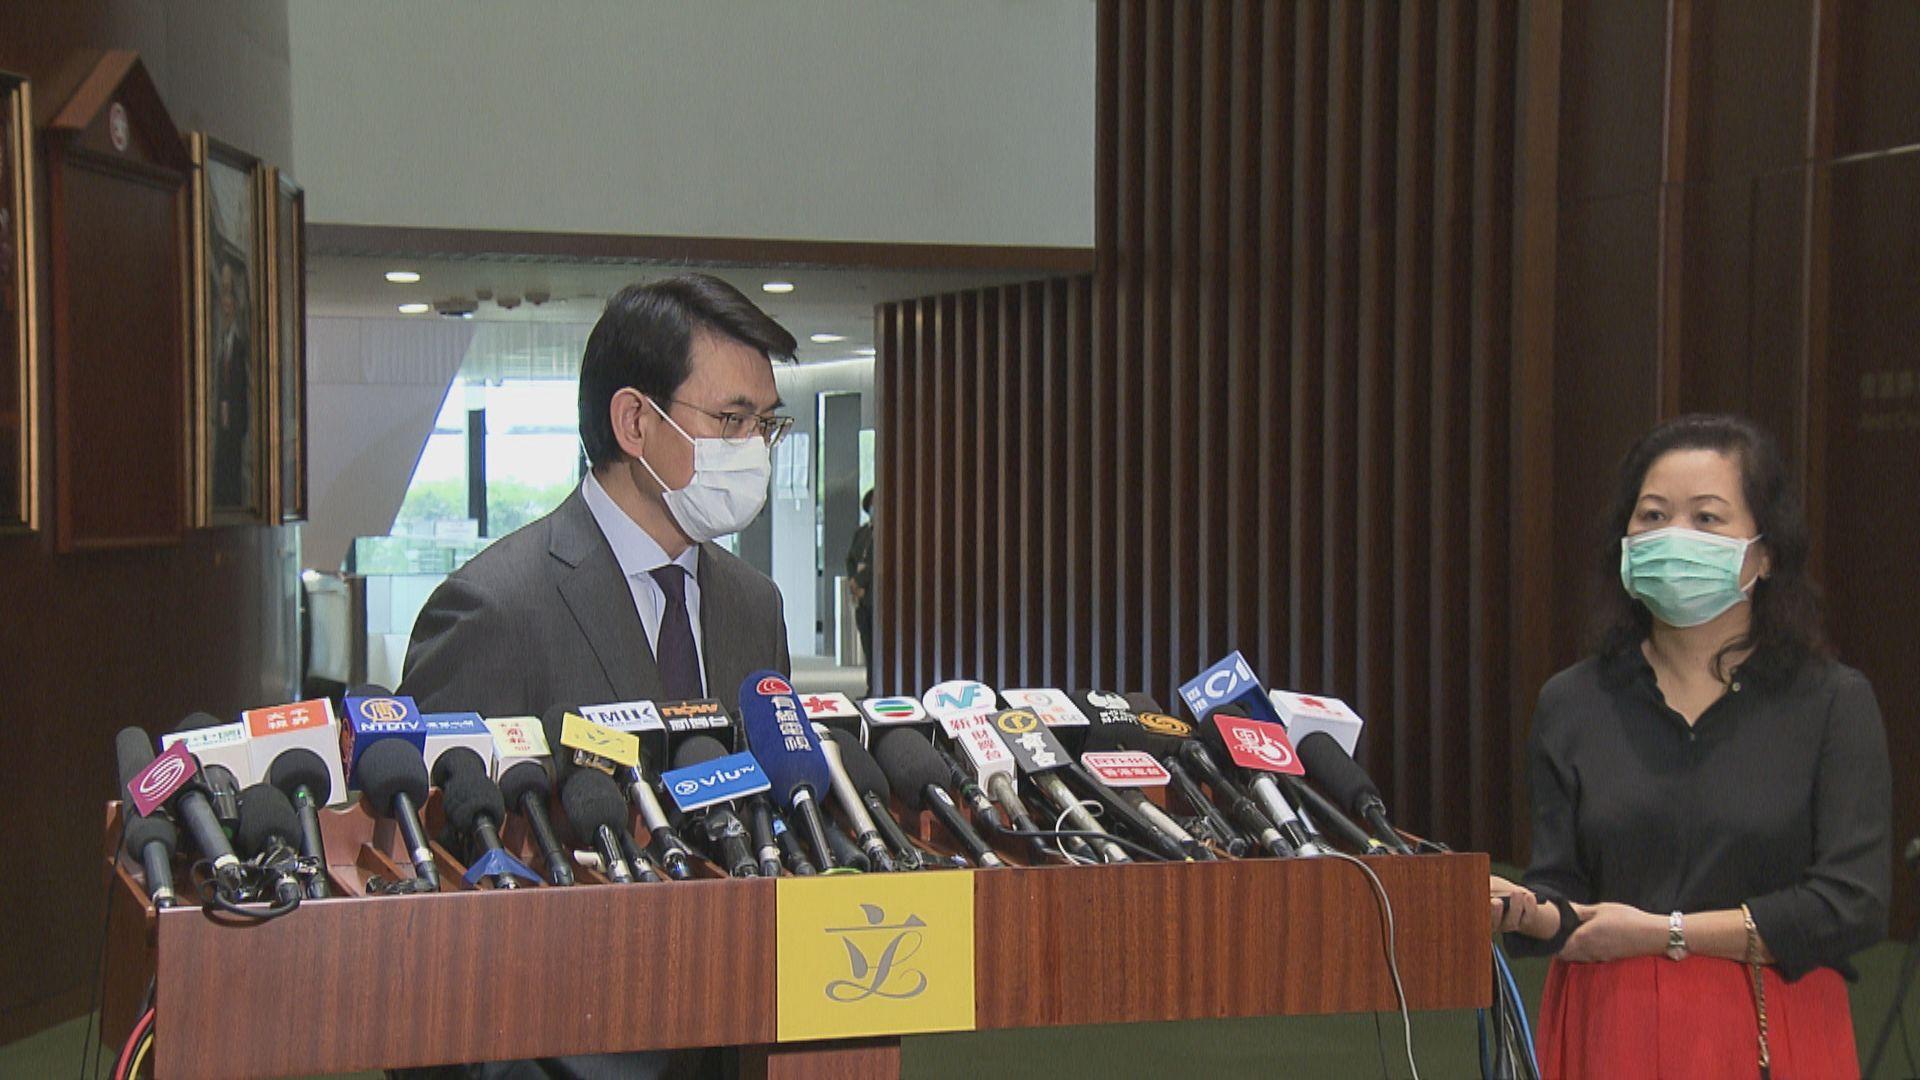 邱騰華:港台道歉是必須做的 籲各界尊重通訊局裁決